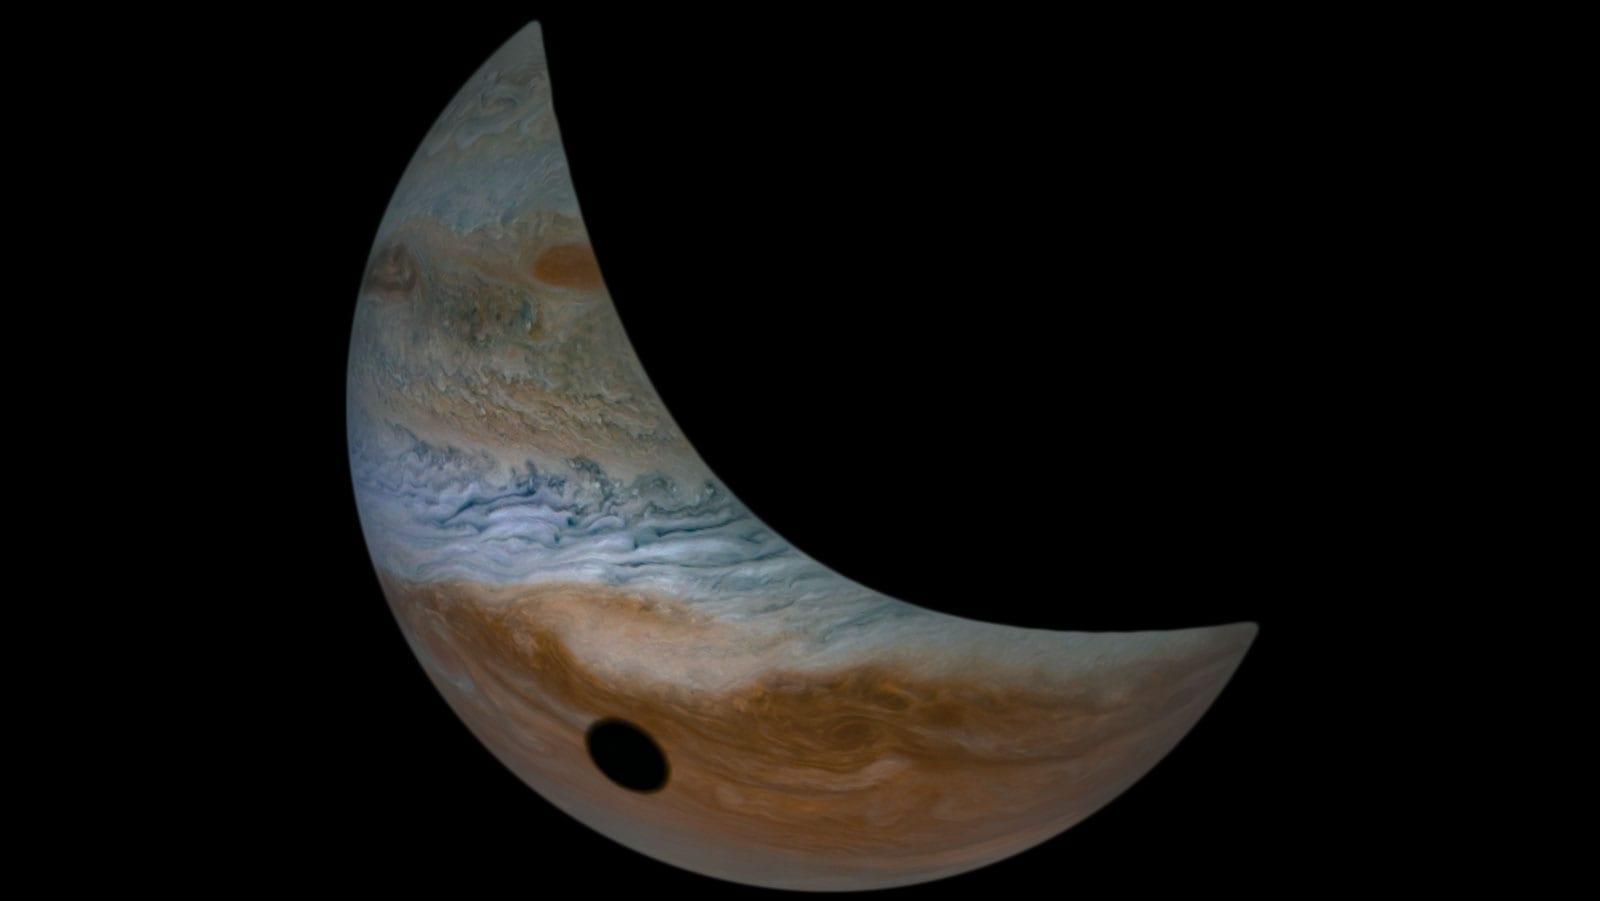 La luna de Júpiter, Io, proyecta su sombra sobre Júpiter cada vez que pasa frente al Sol, tal y como se ve desde Júpiter. Créditos: Datos de imagen: NASA JPL-Caltech/SwRI/MSSS Procesamiento de imagen por Tanya Oleksuik, © CC BY